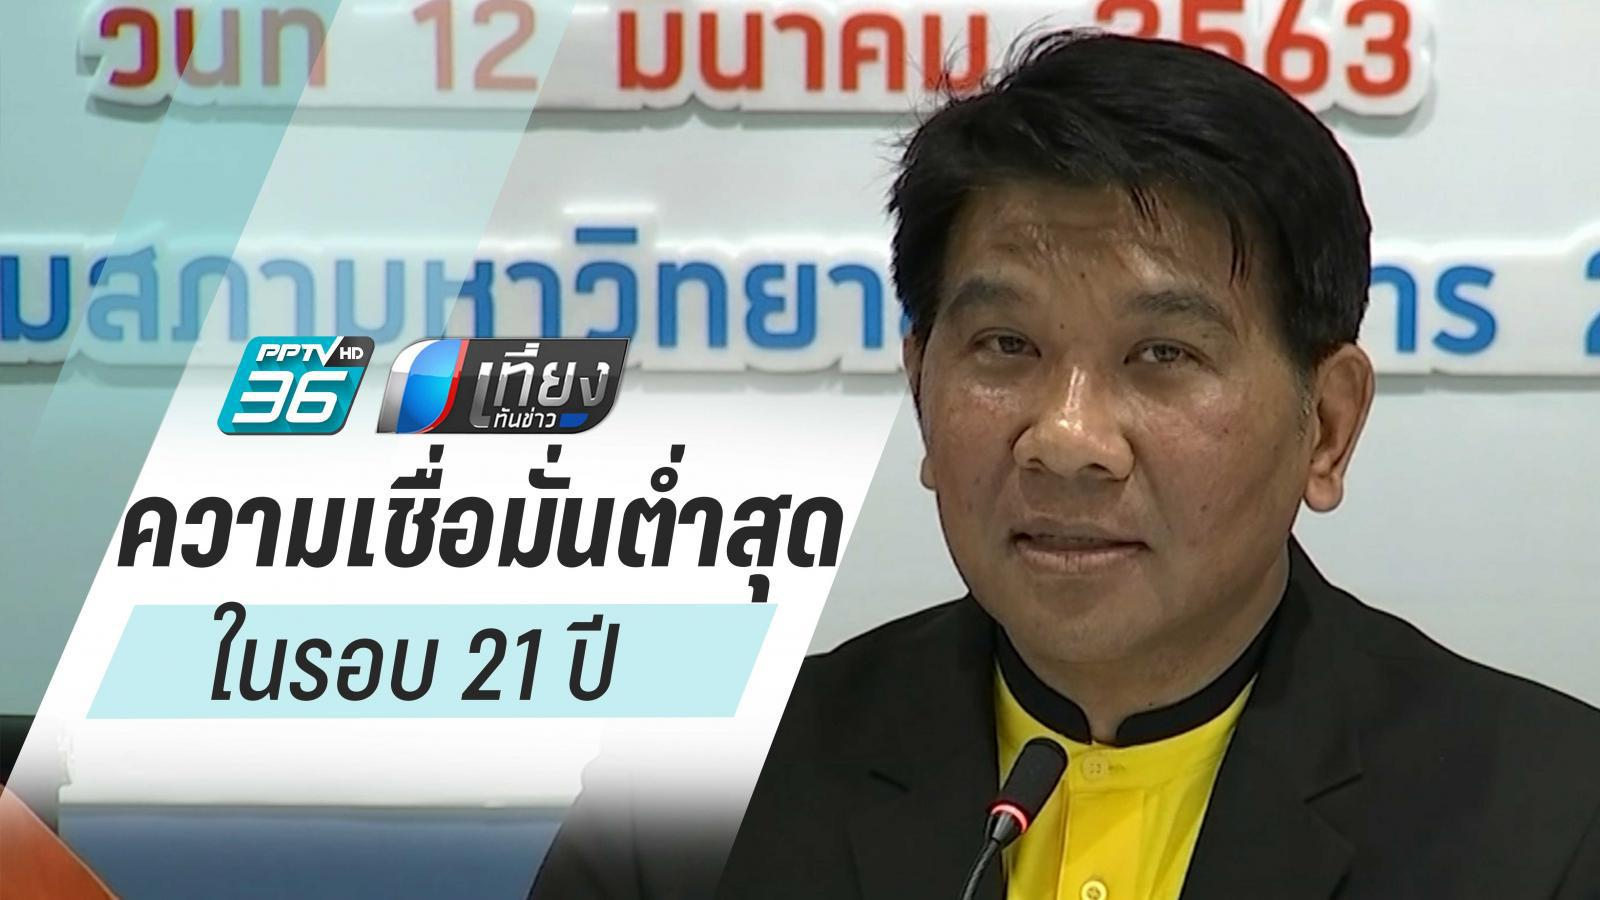 ม.หอการค้าไทย เผย ดัชนีความเชื่อมั่นผู้บริโภคเดือนก.พ. ต่ำสุดรอบ 21 ปี